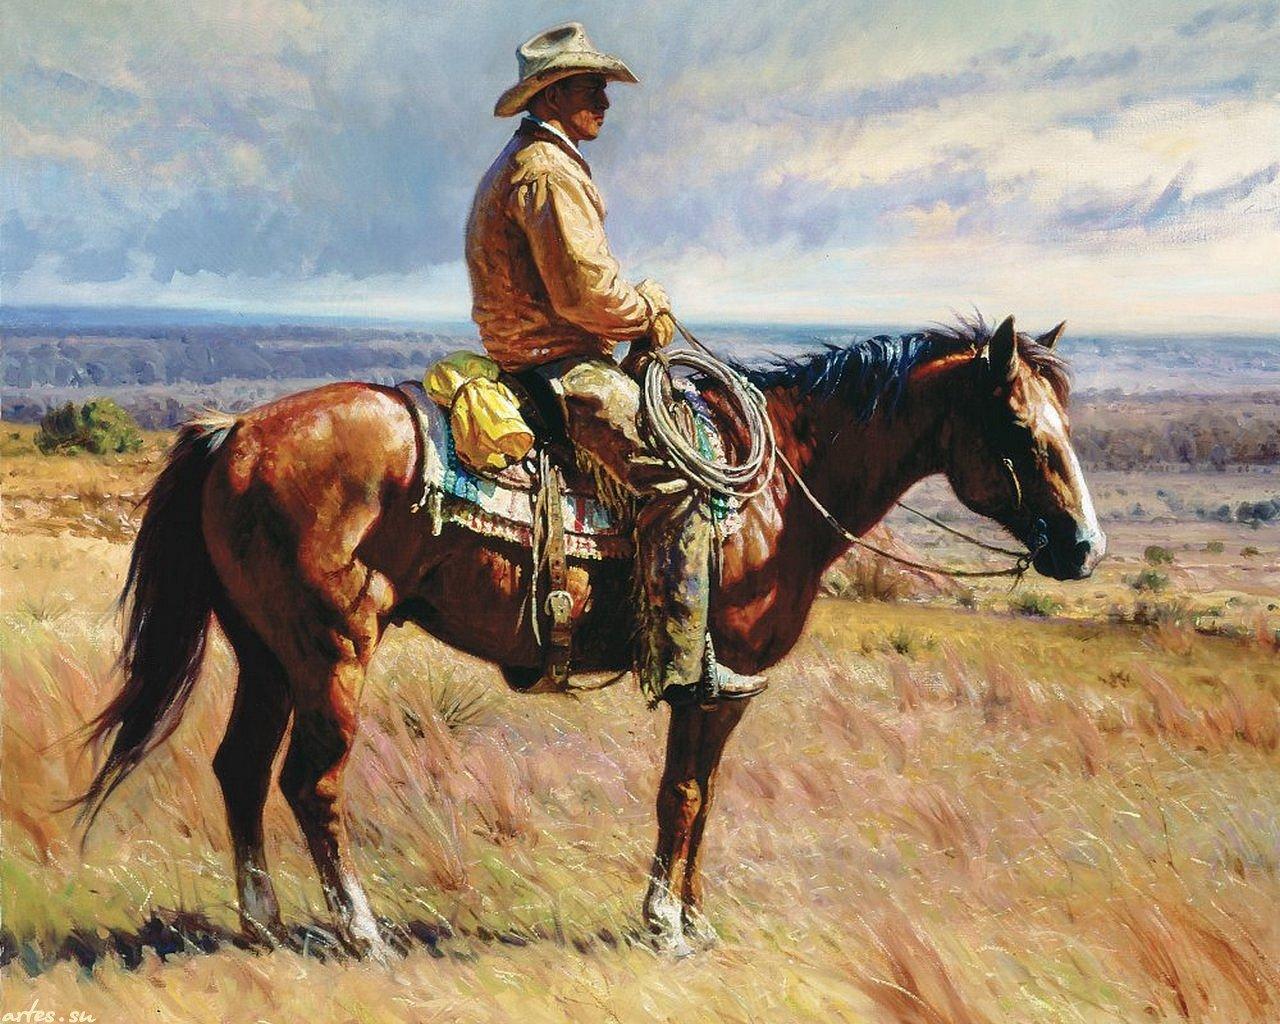 Western (wild west) wallpapers 1280x1024 desktop backgrounds